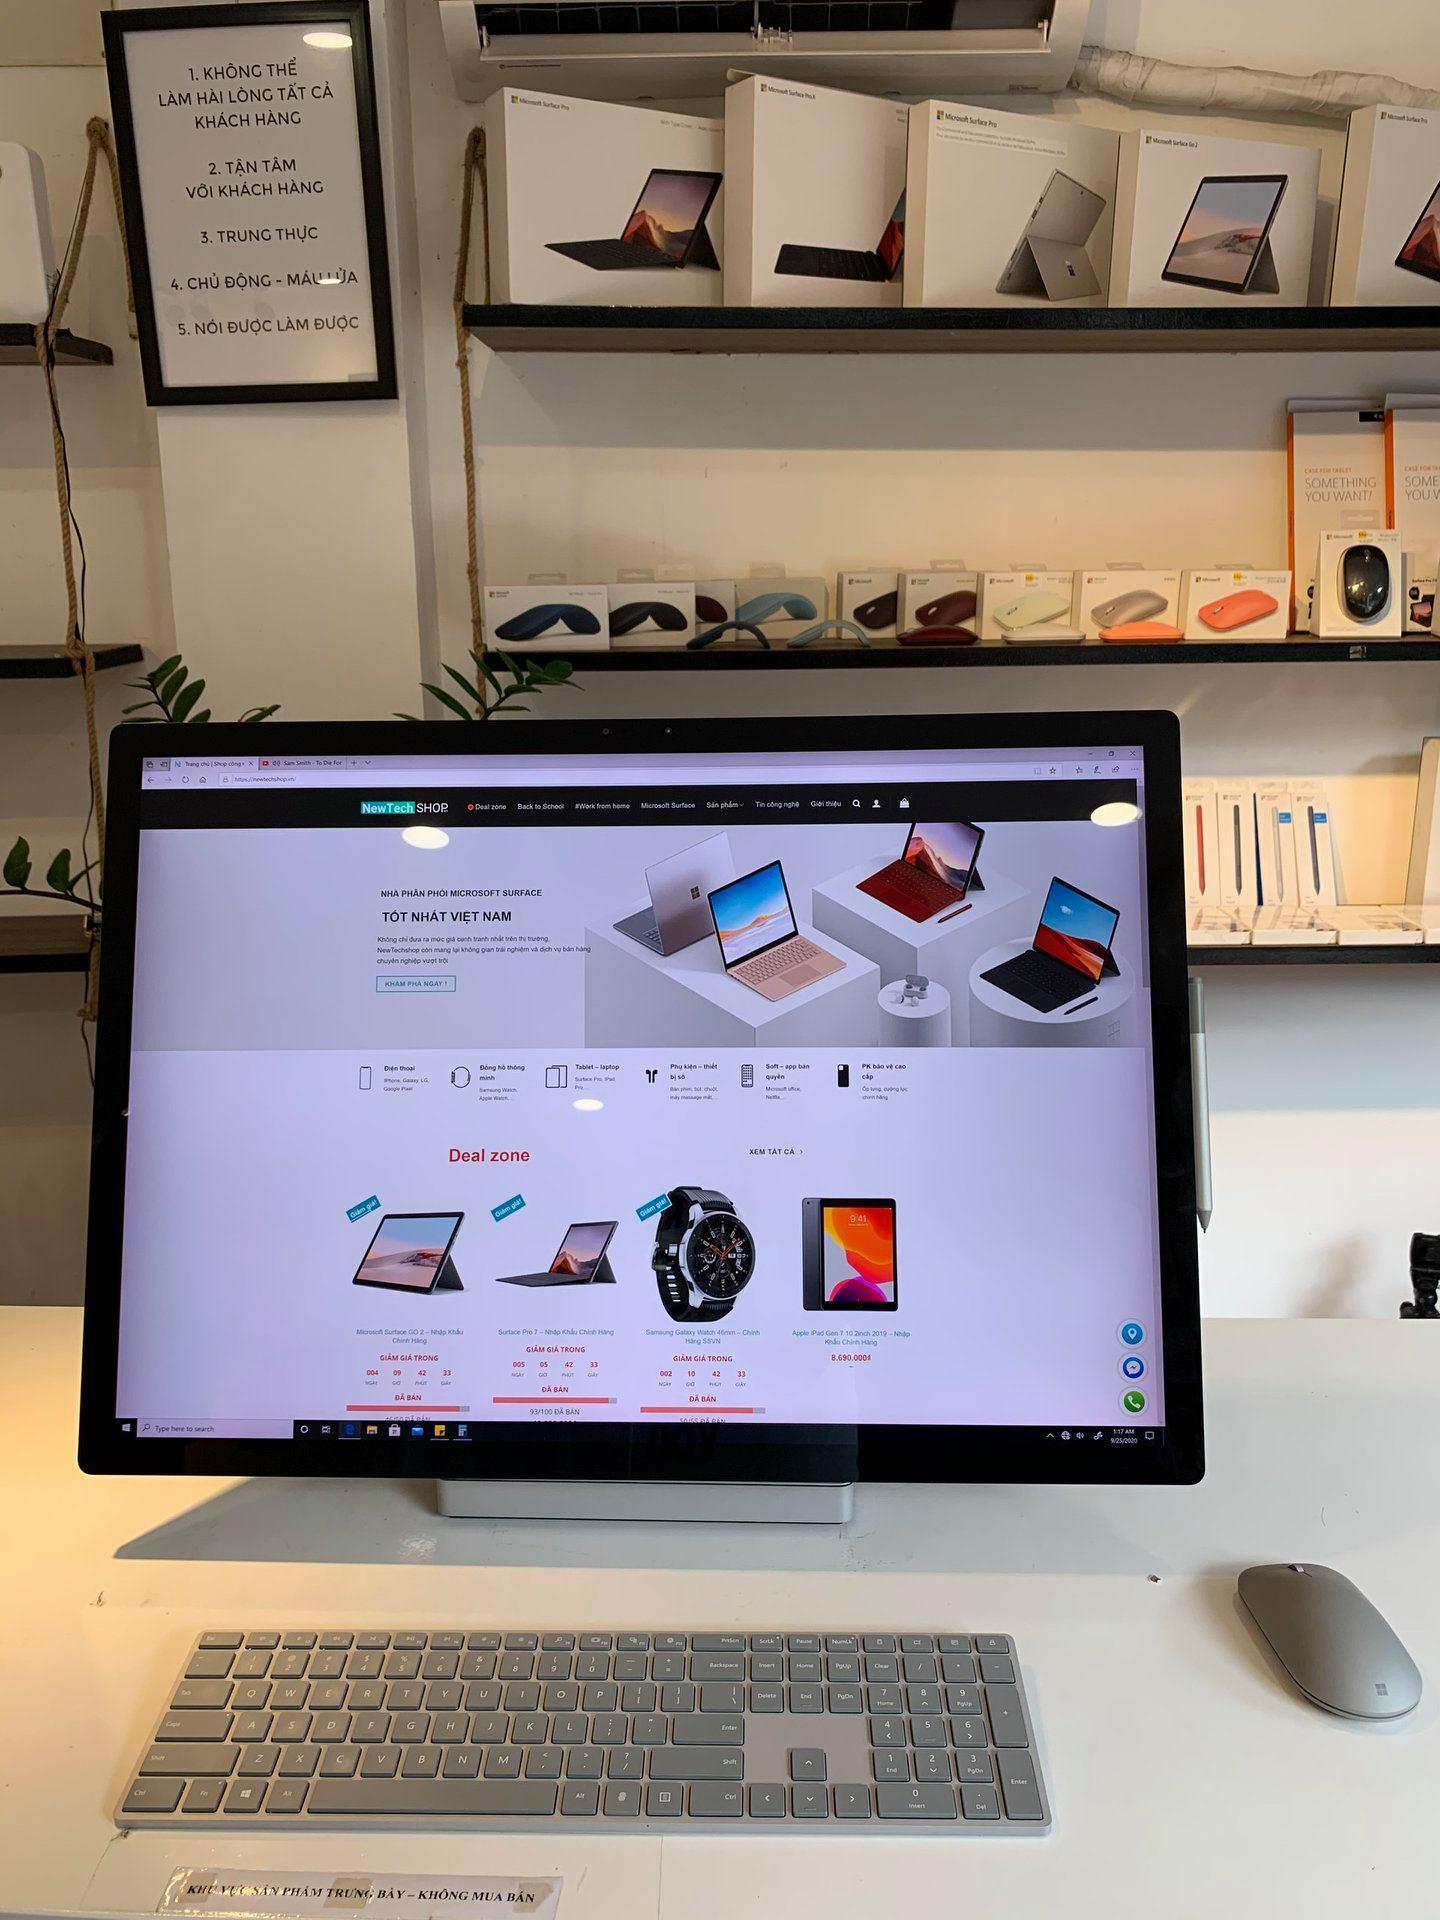 Surface Studio 2 2TB I7-7820HQ 32GB GTX 1070 8GB GDDR5 Chính Hãng 18